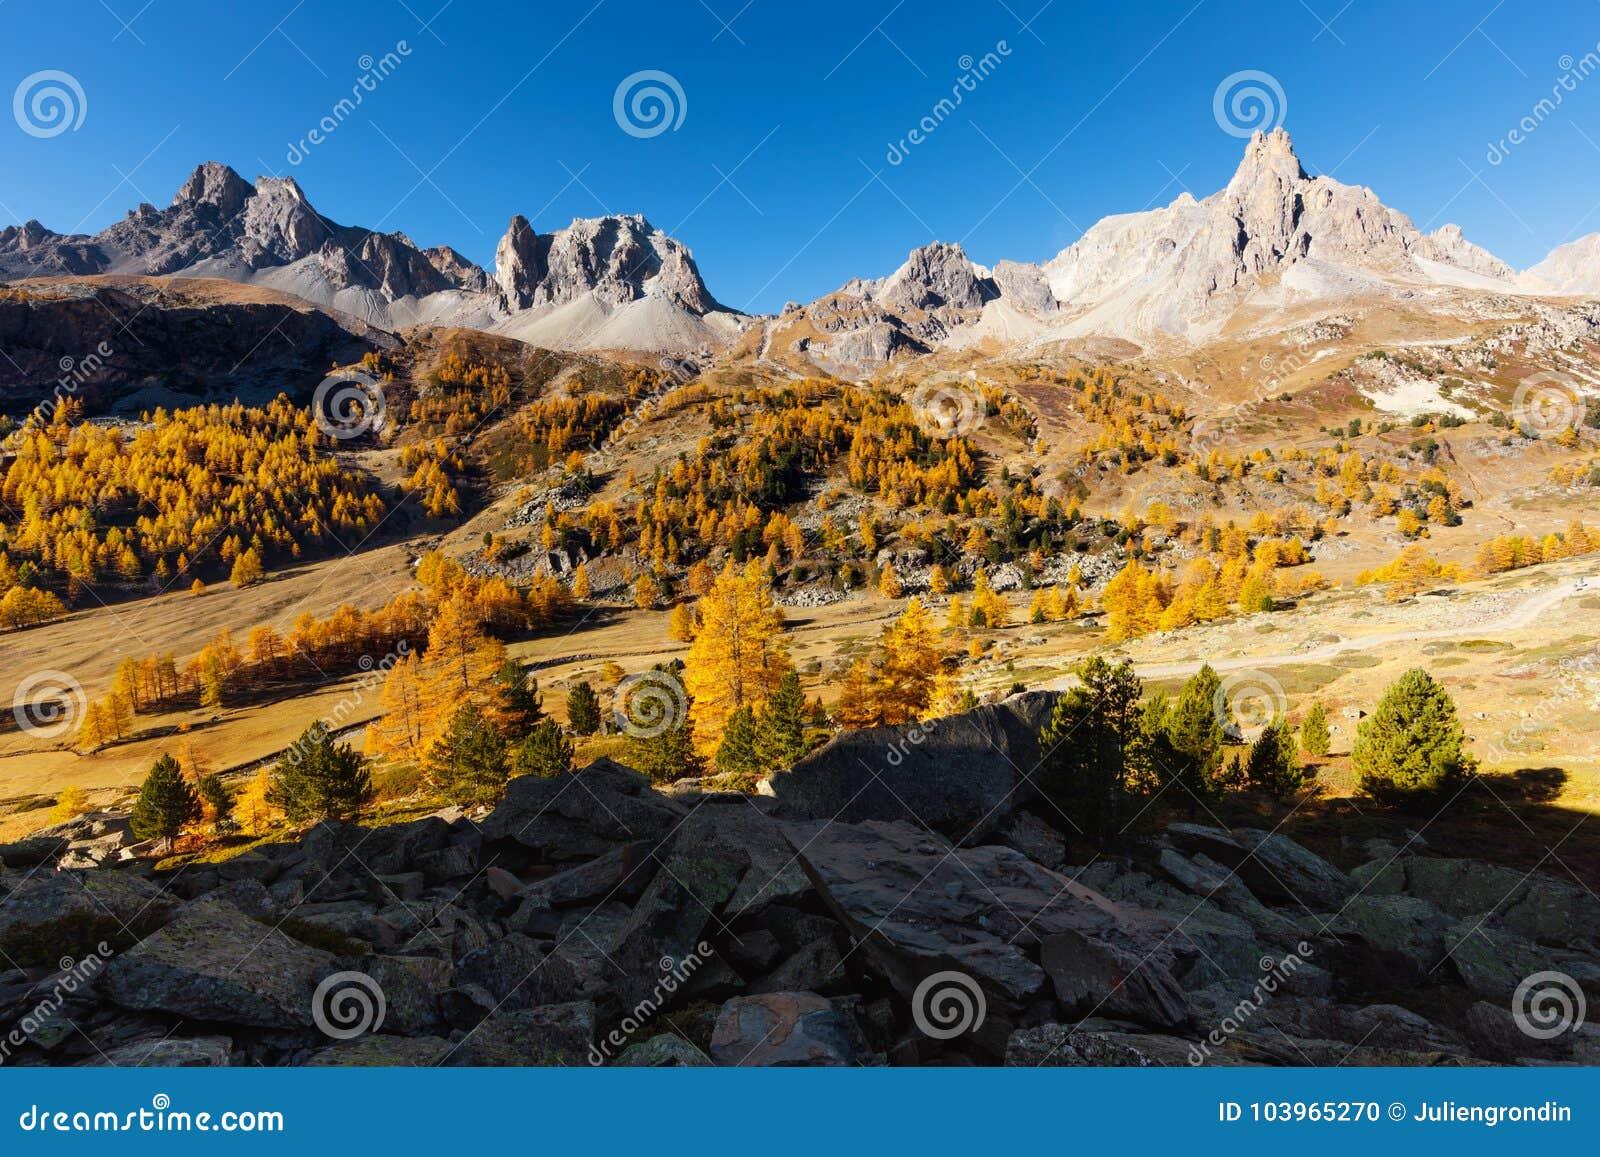 Vallée de la Clarée dans les Frances